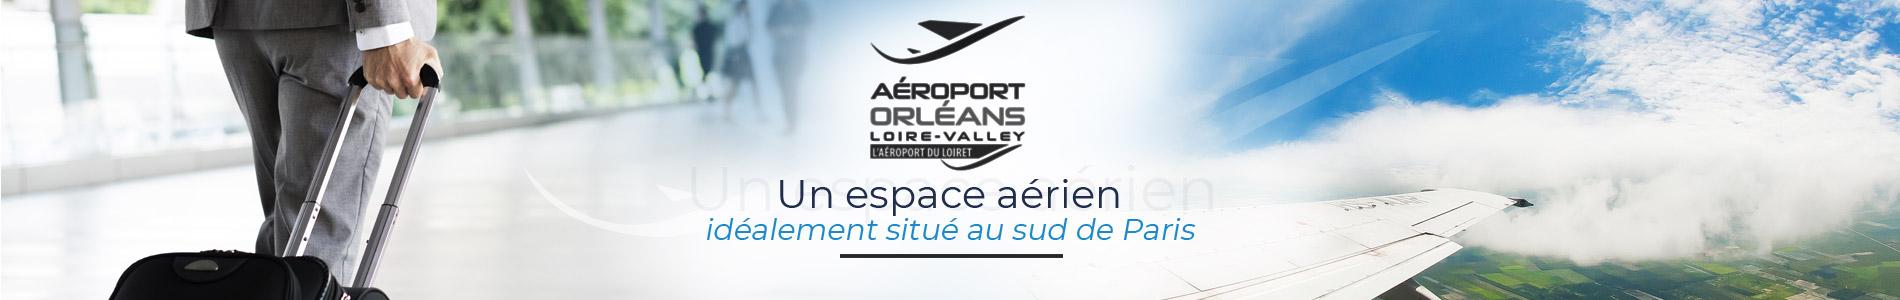 Aeroport Orléans